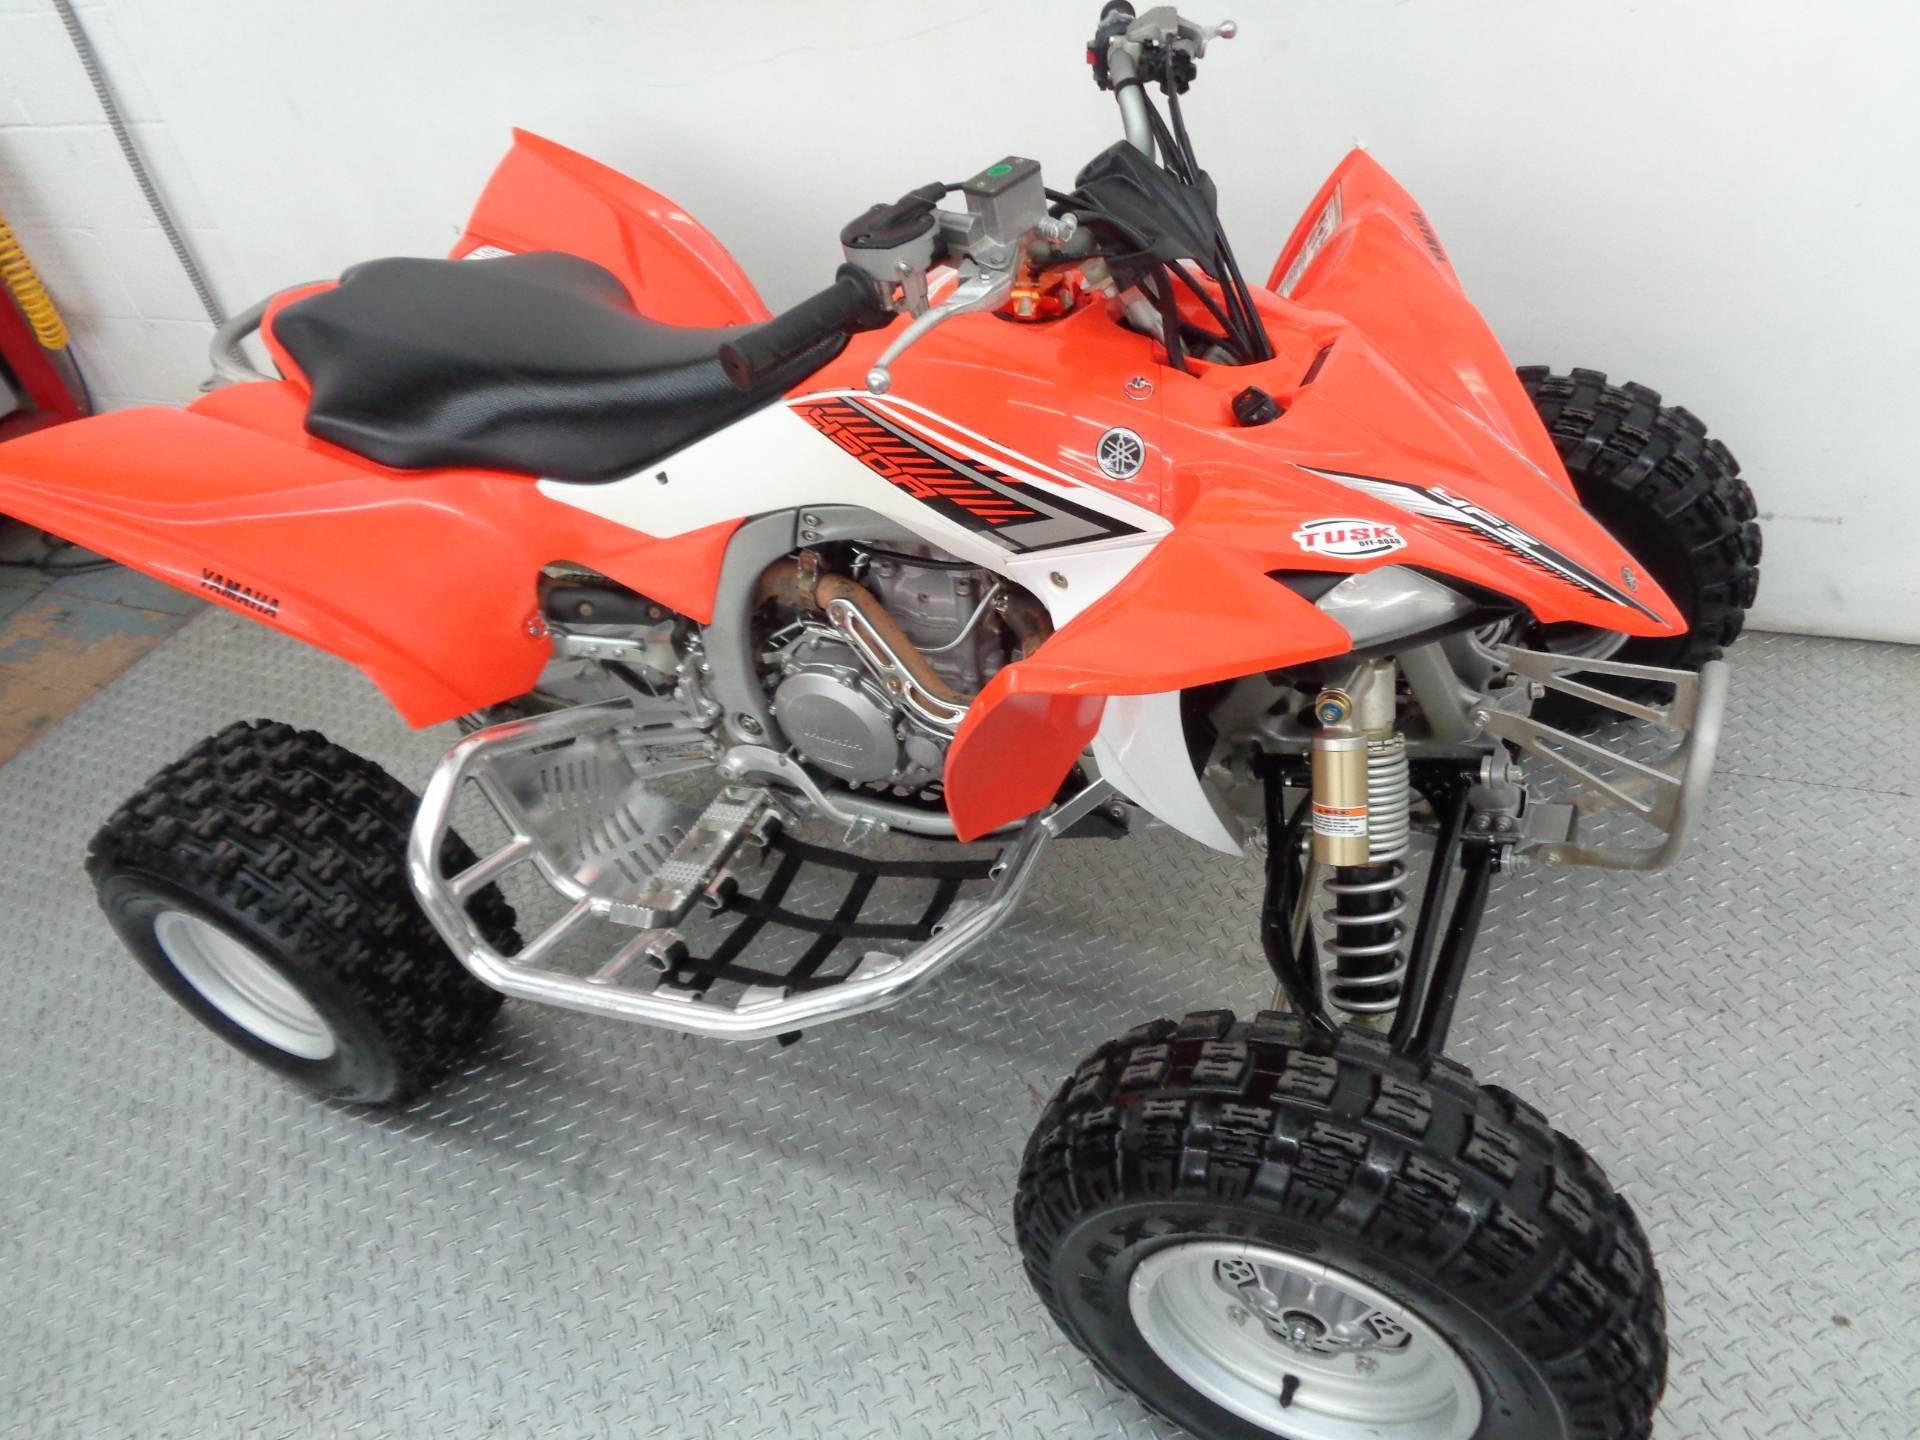 2014 Yamaha YFZ450R 2